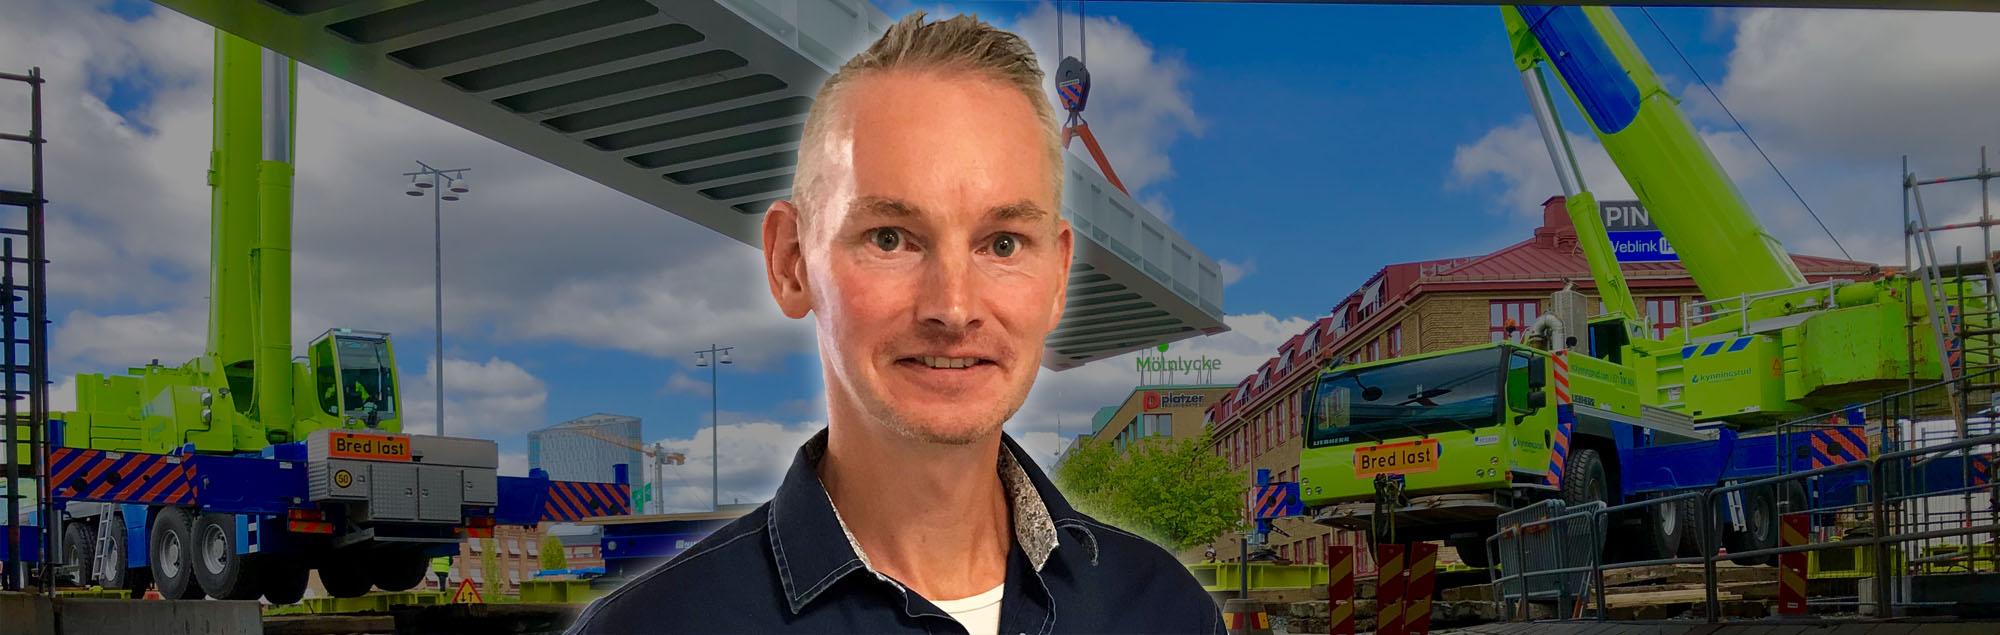 Ny säkerhetschef på Kynningsrud Nordic Crane AB